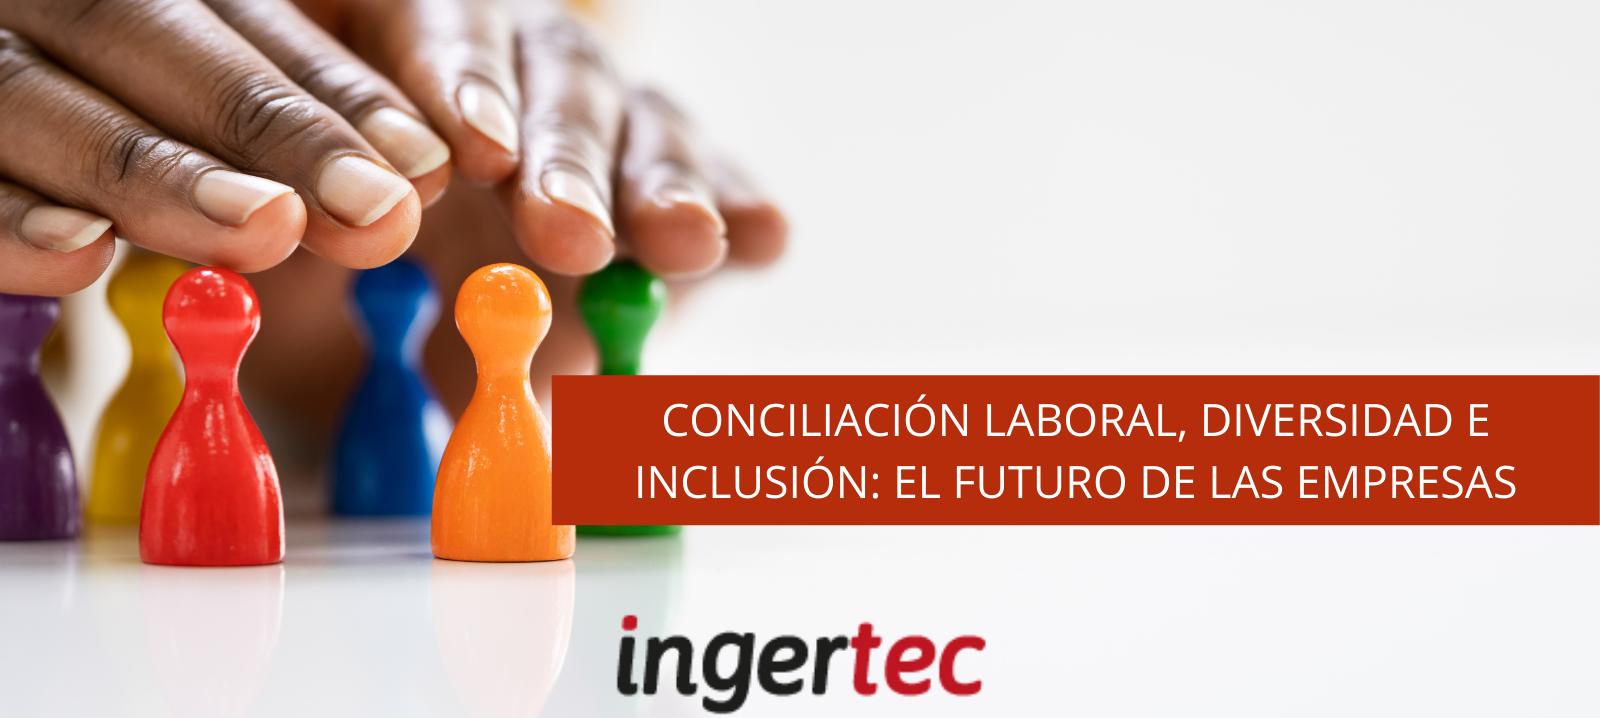 Conciliación laboral, diversidad e inclusión: el futuro de las empresas